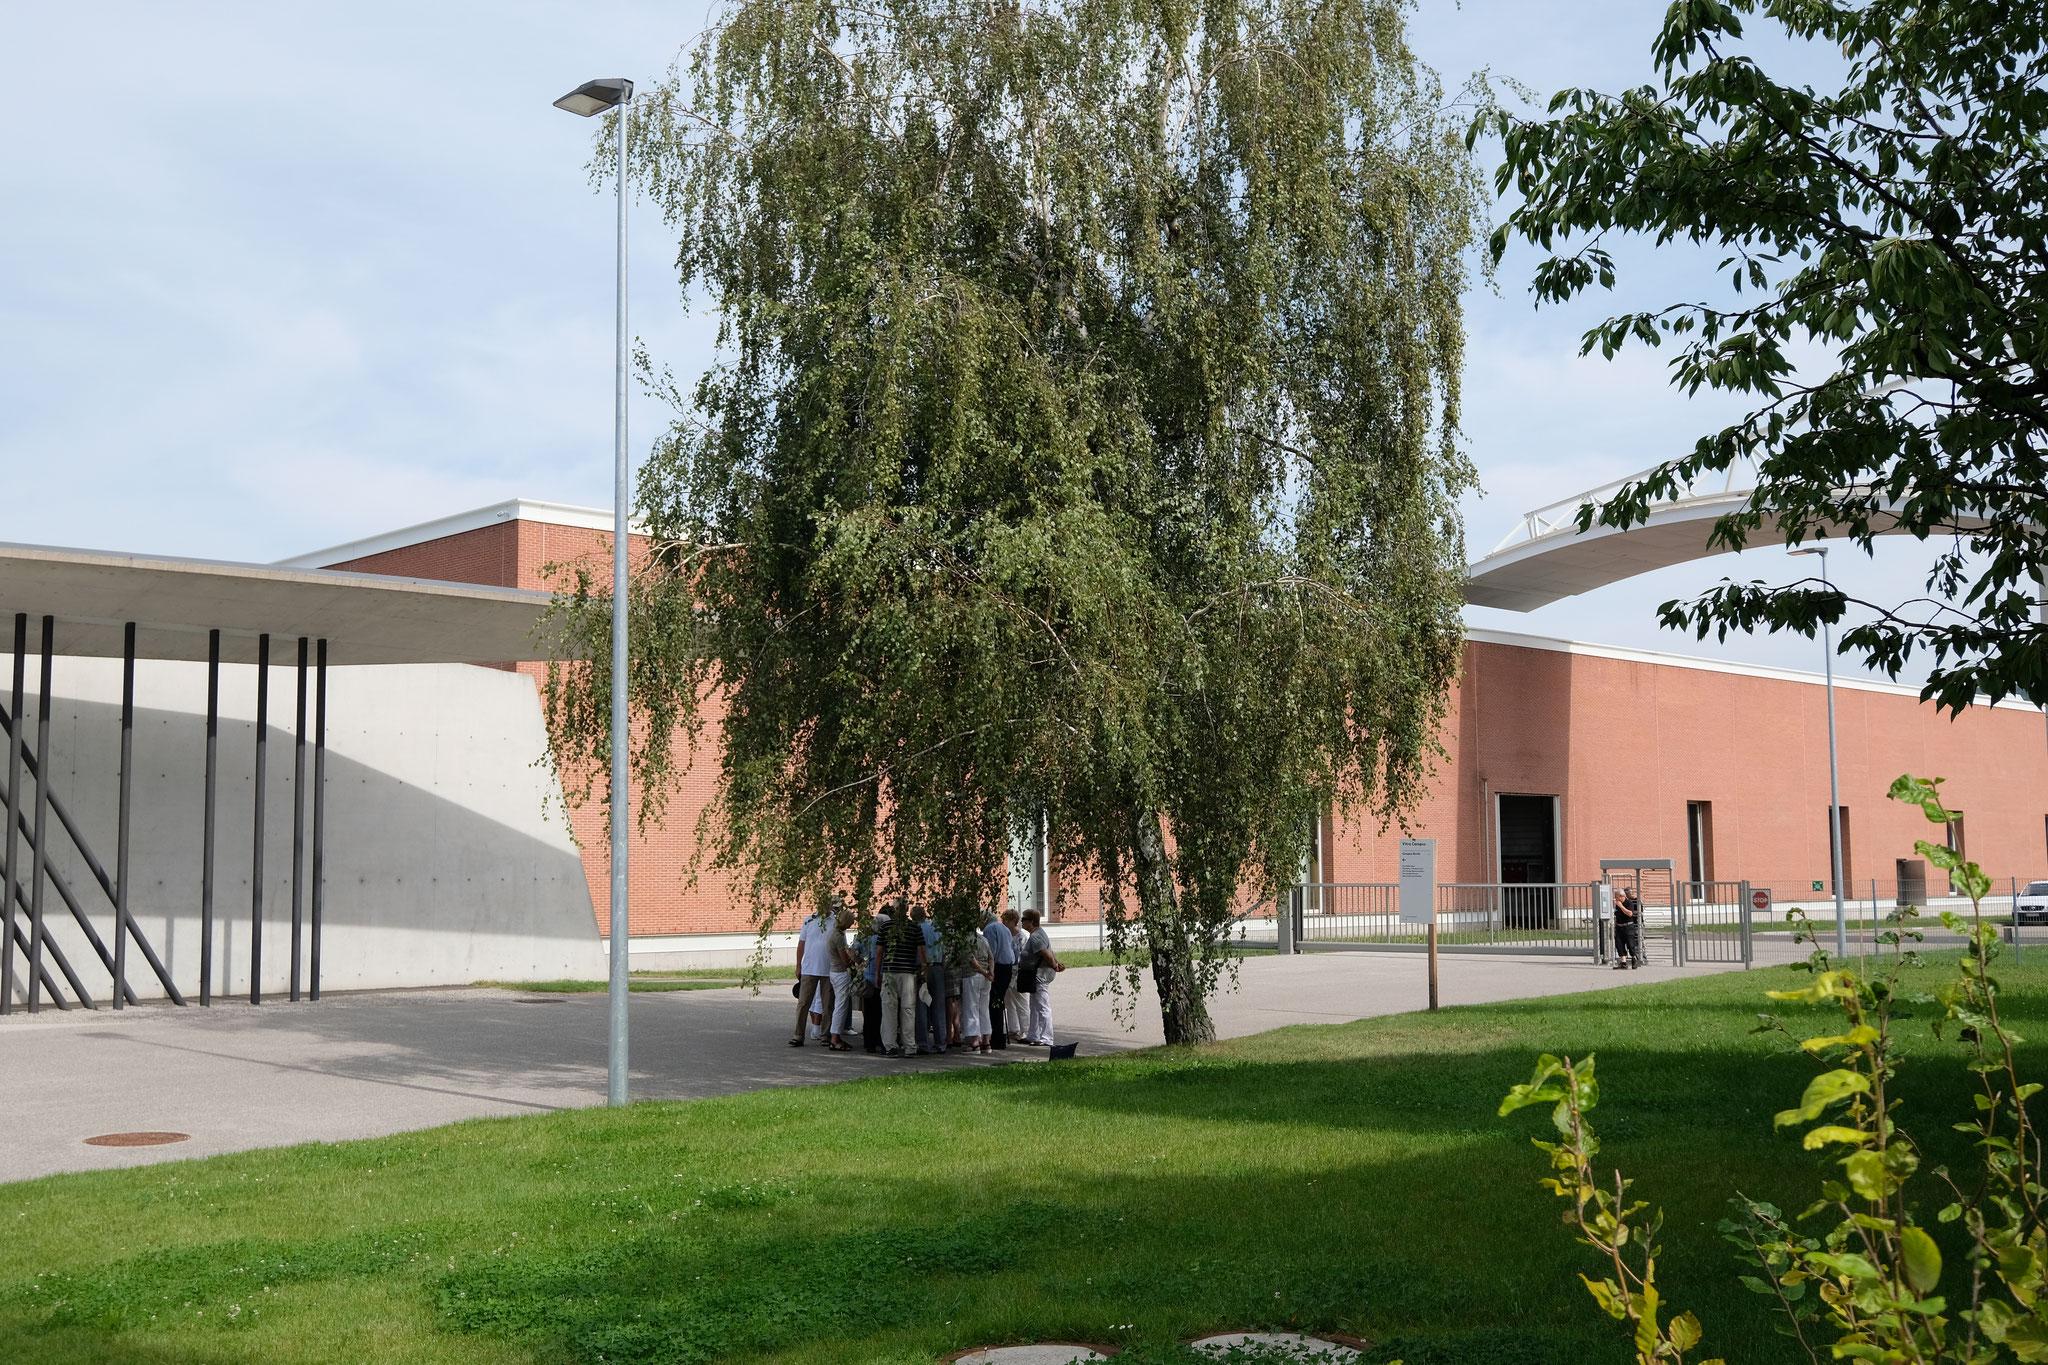 Vitra Campus in Weil am Rhein - Blick auf das Schaudepot, Architekten Herzog & de Meuron